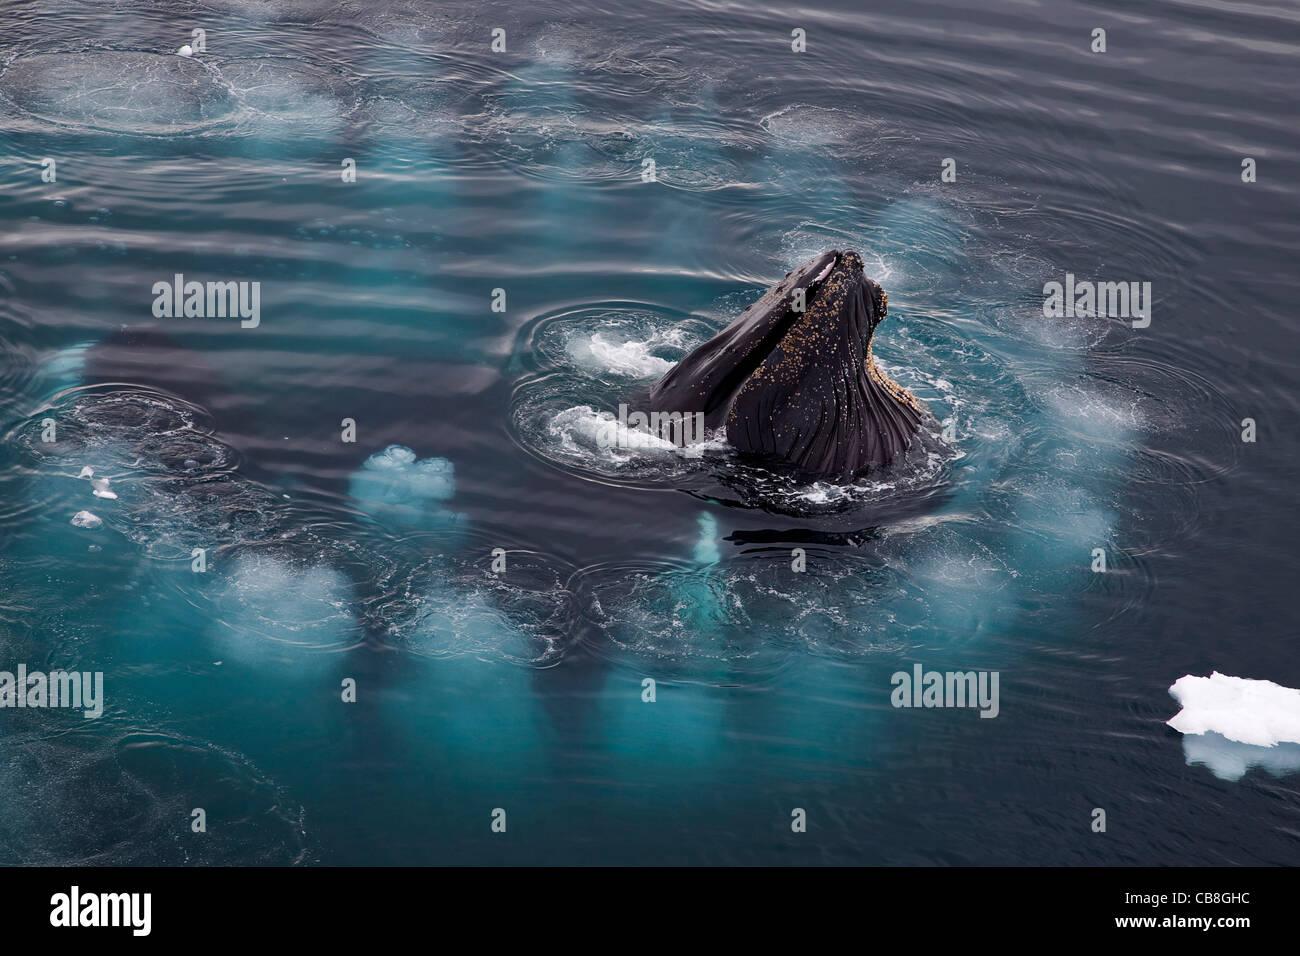 Las ballenas jorobadas (Megaptera novaeangliae) para alimentar la red de burbujas soplando un anillo de burbujas Imagen De Stock